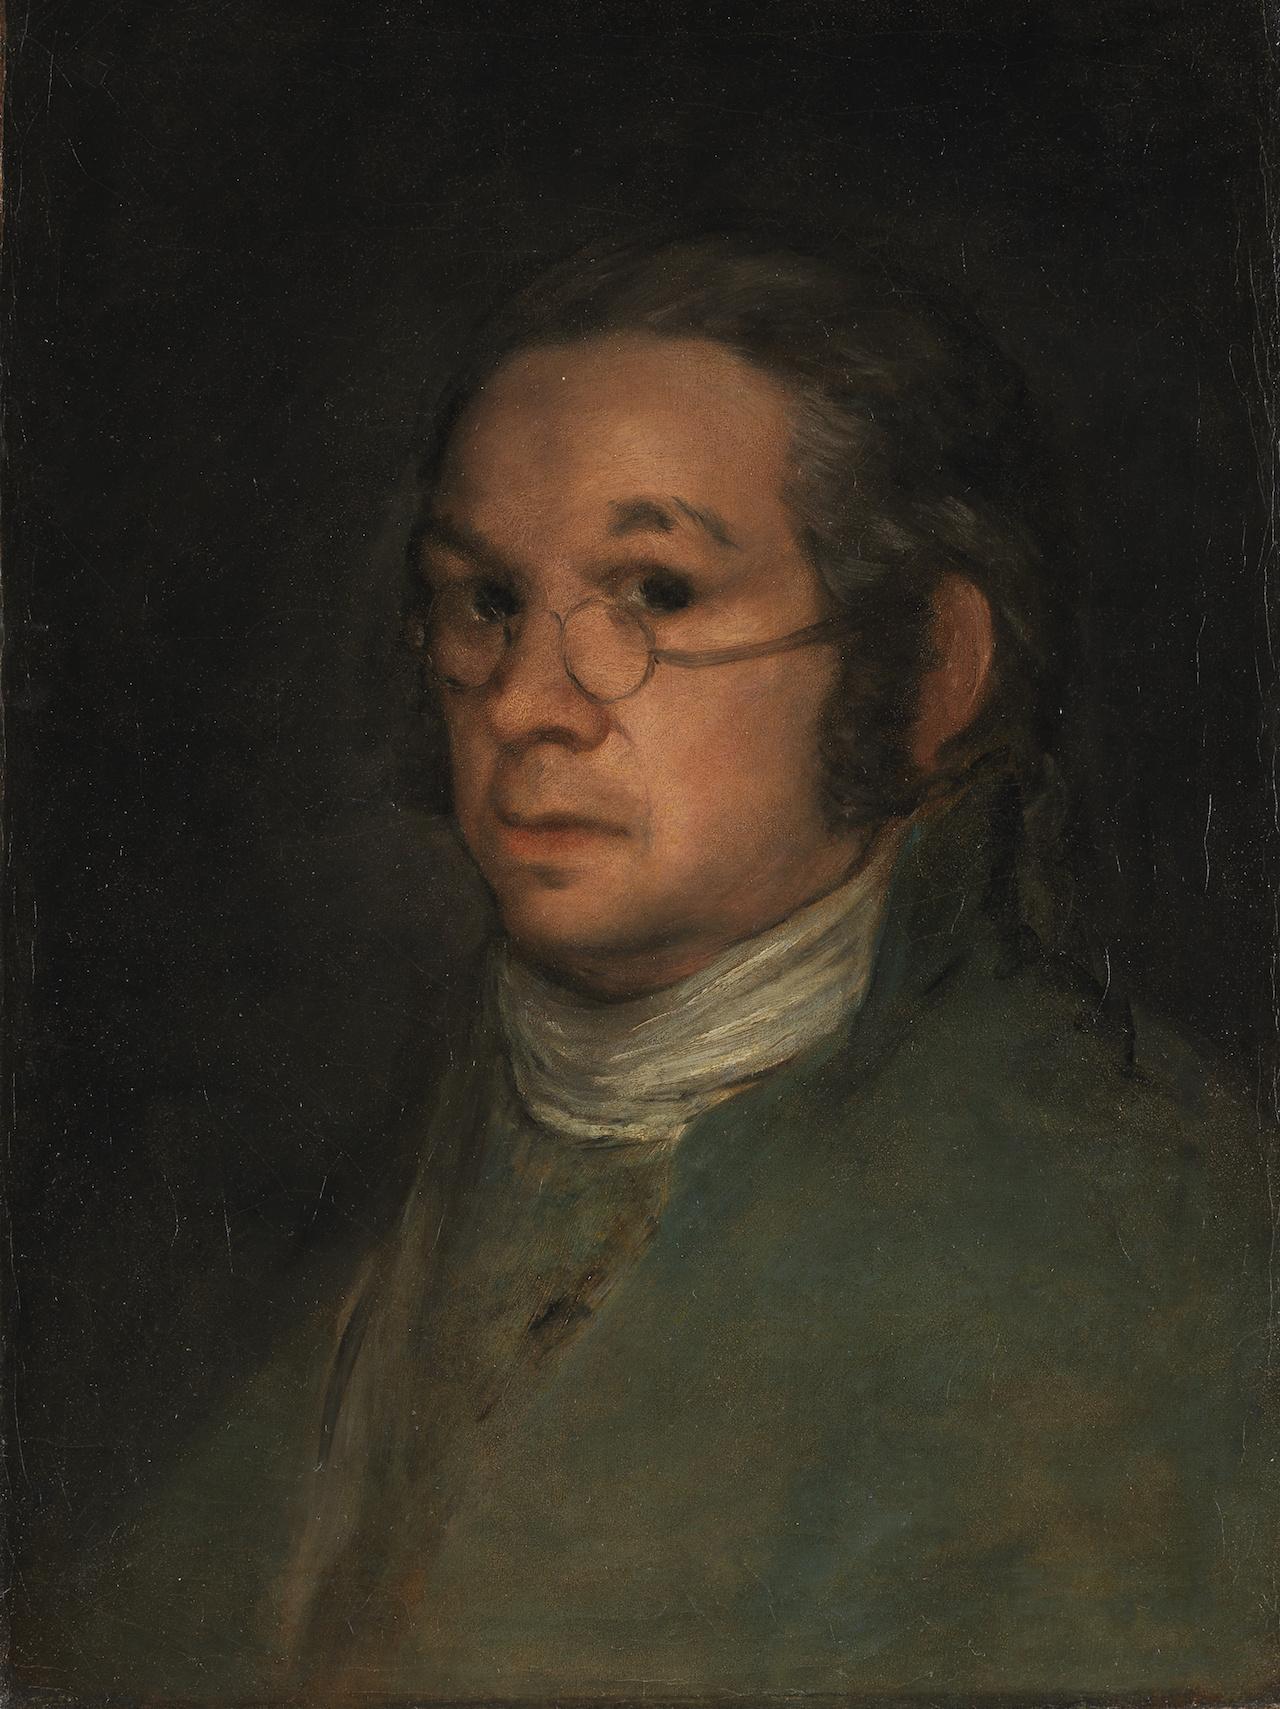 «Автопортрет в очках» - точно кисти Гойи, но почему вердикт специалистов Франции вызывал дебаты?